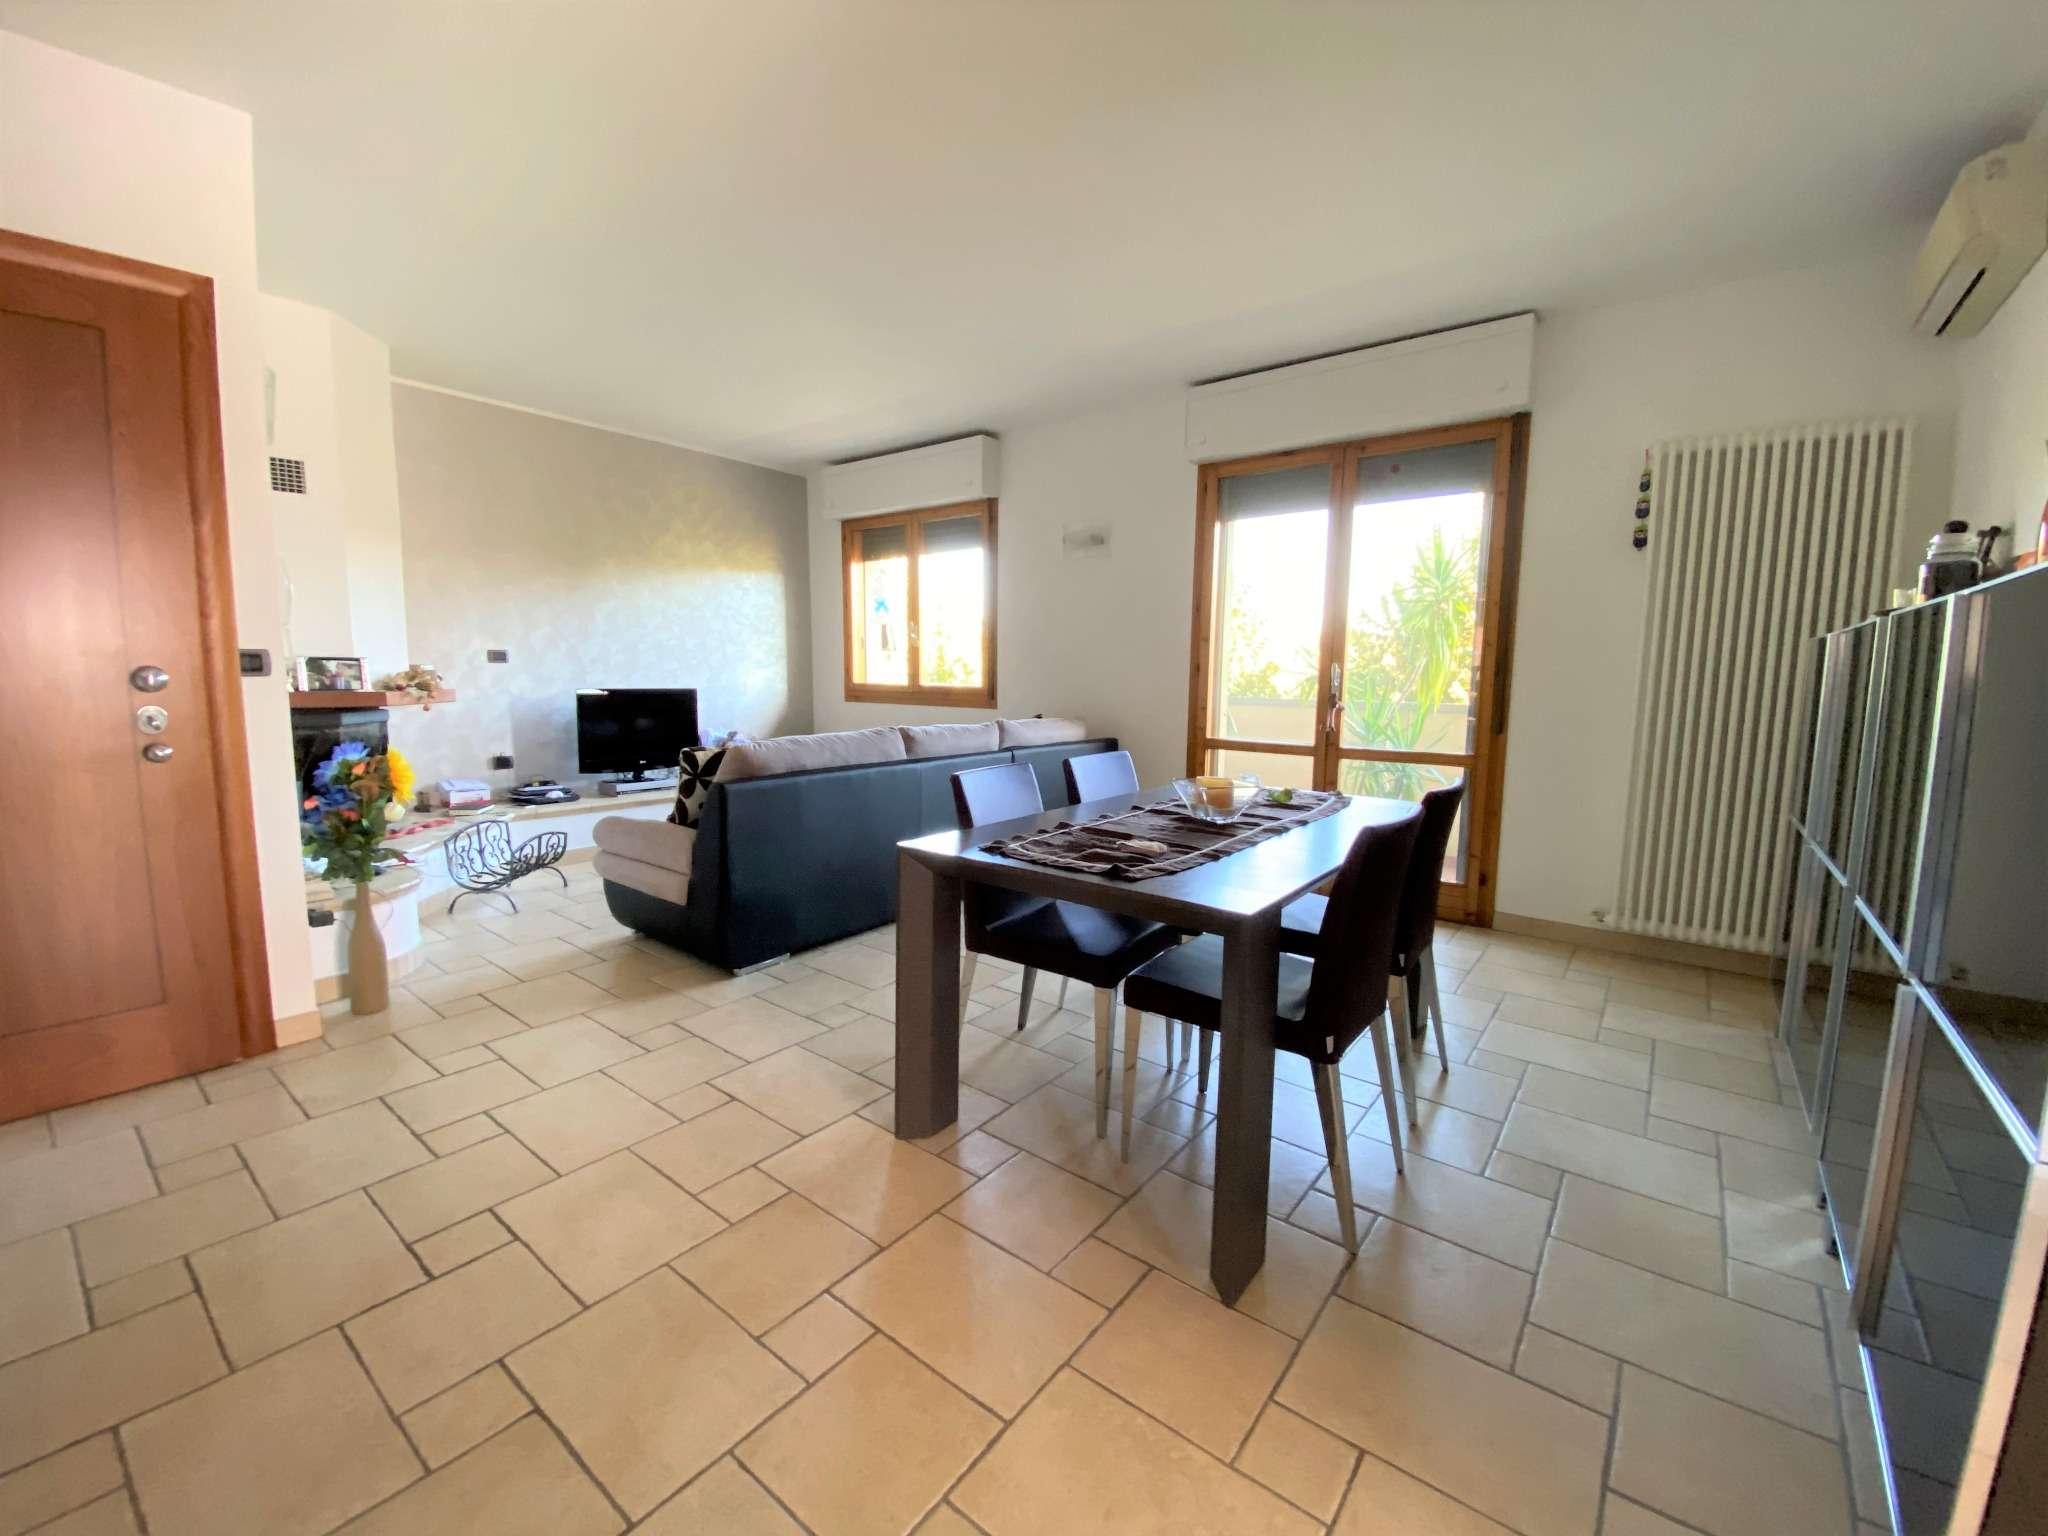 Appartamento in vendita a Sasso Marconi, 4 locali, prezzo € 225.000 | PortaleAgenzieImmobiliari.it